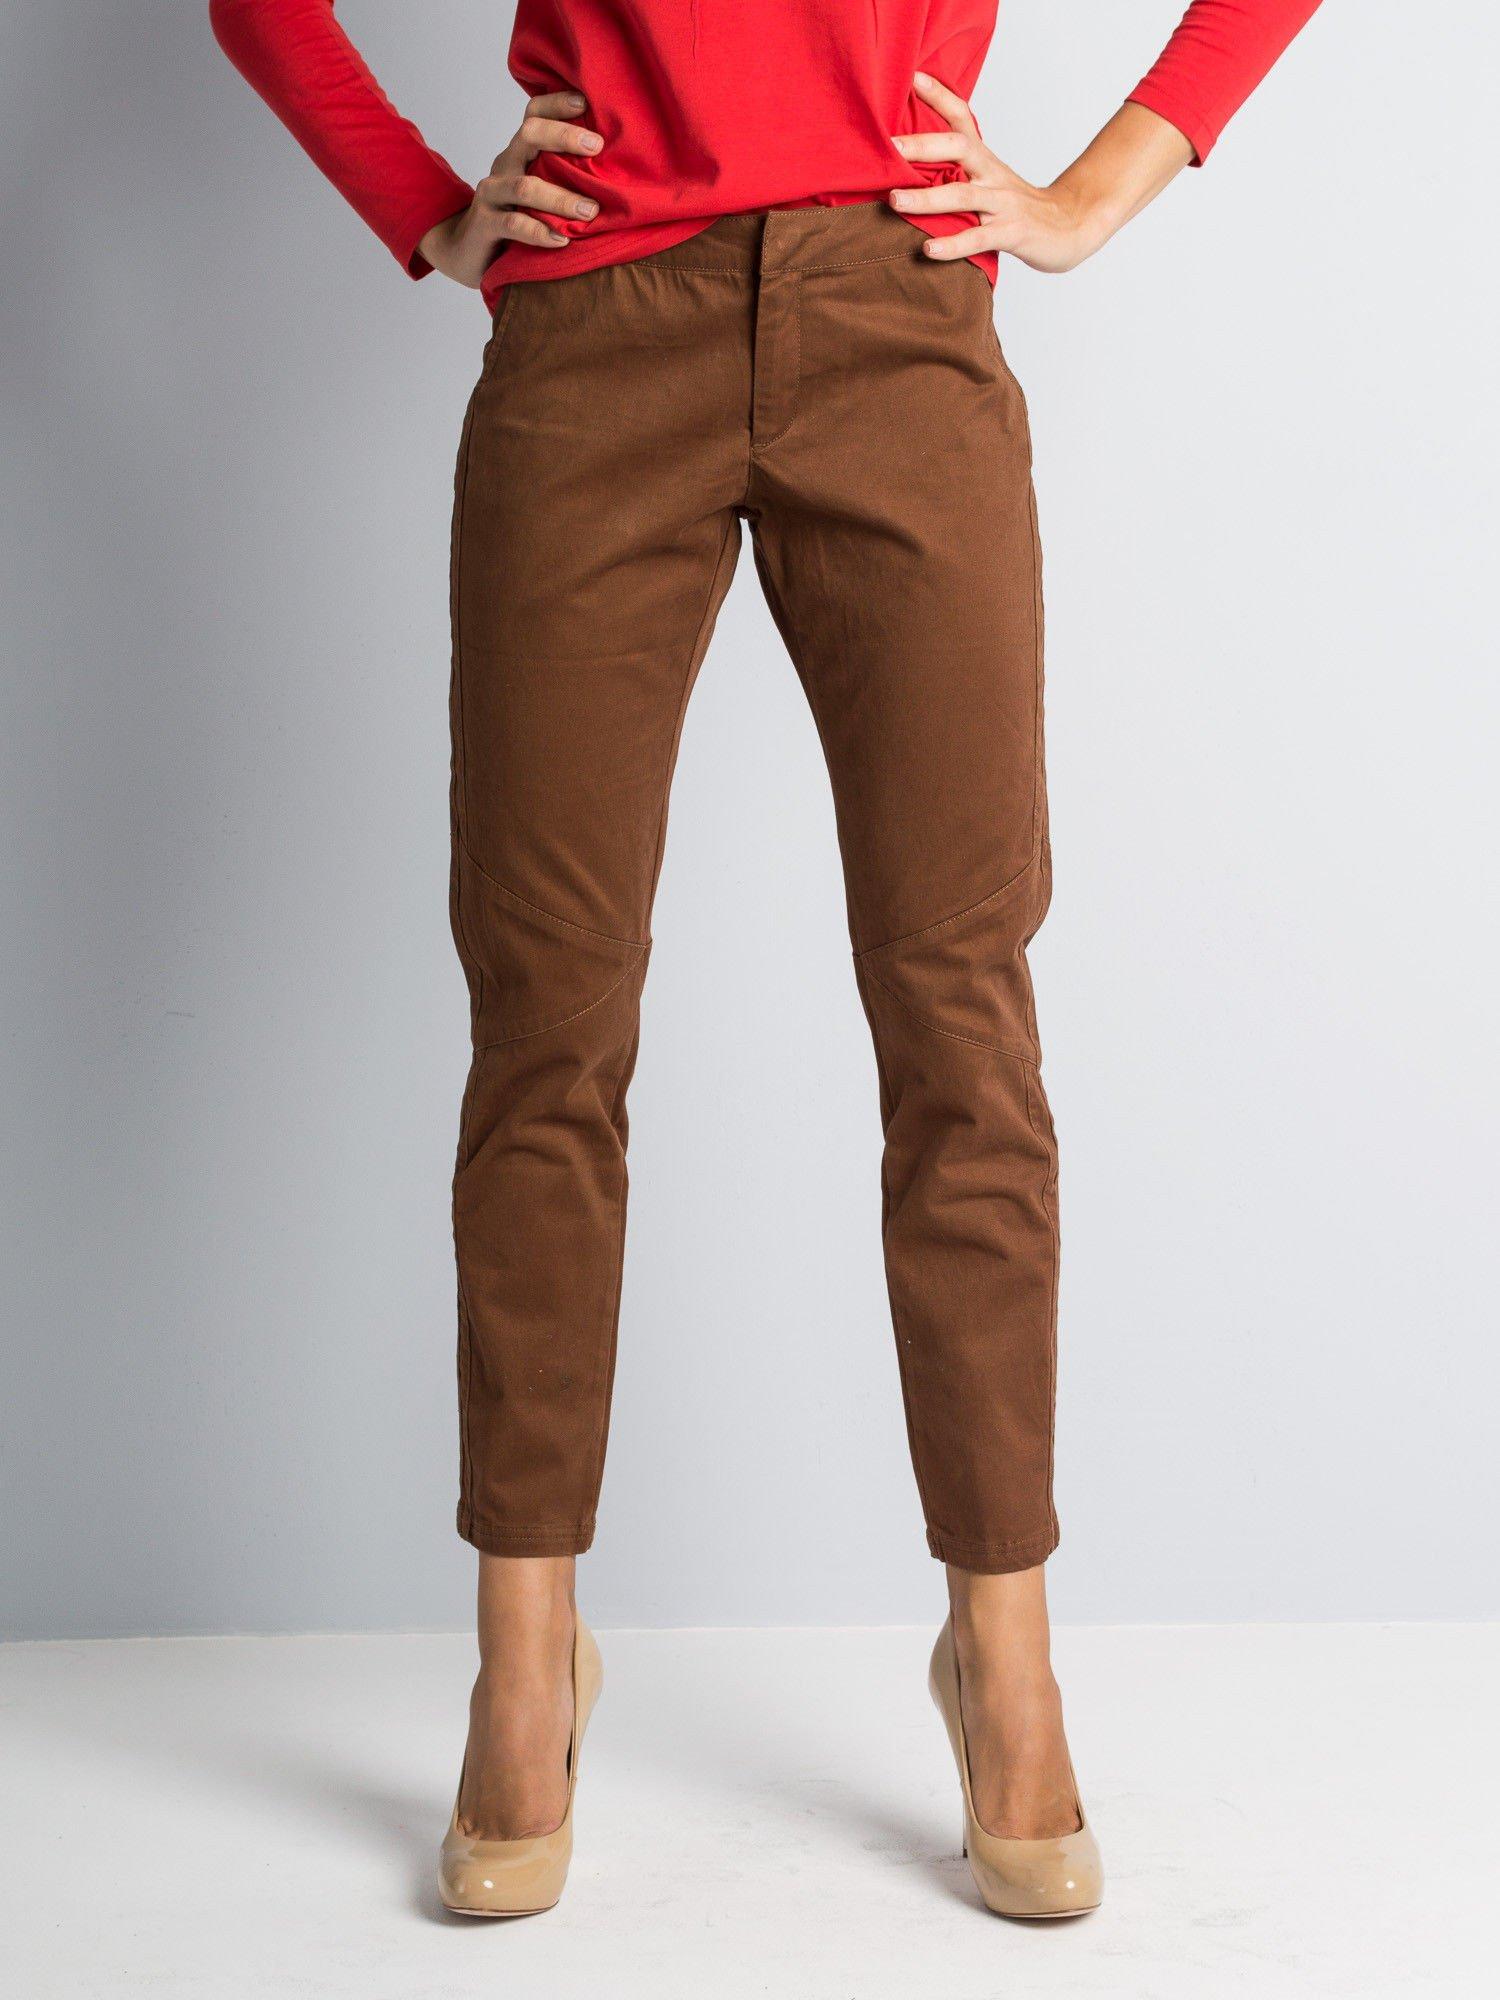 Brązowe spodnie materiałowe z przeszyciami na kolanach                                  zdj.                                  1